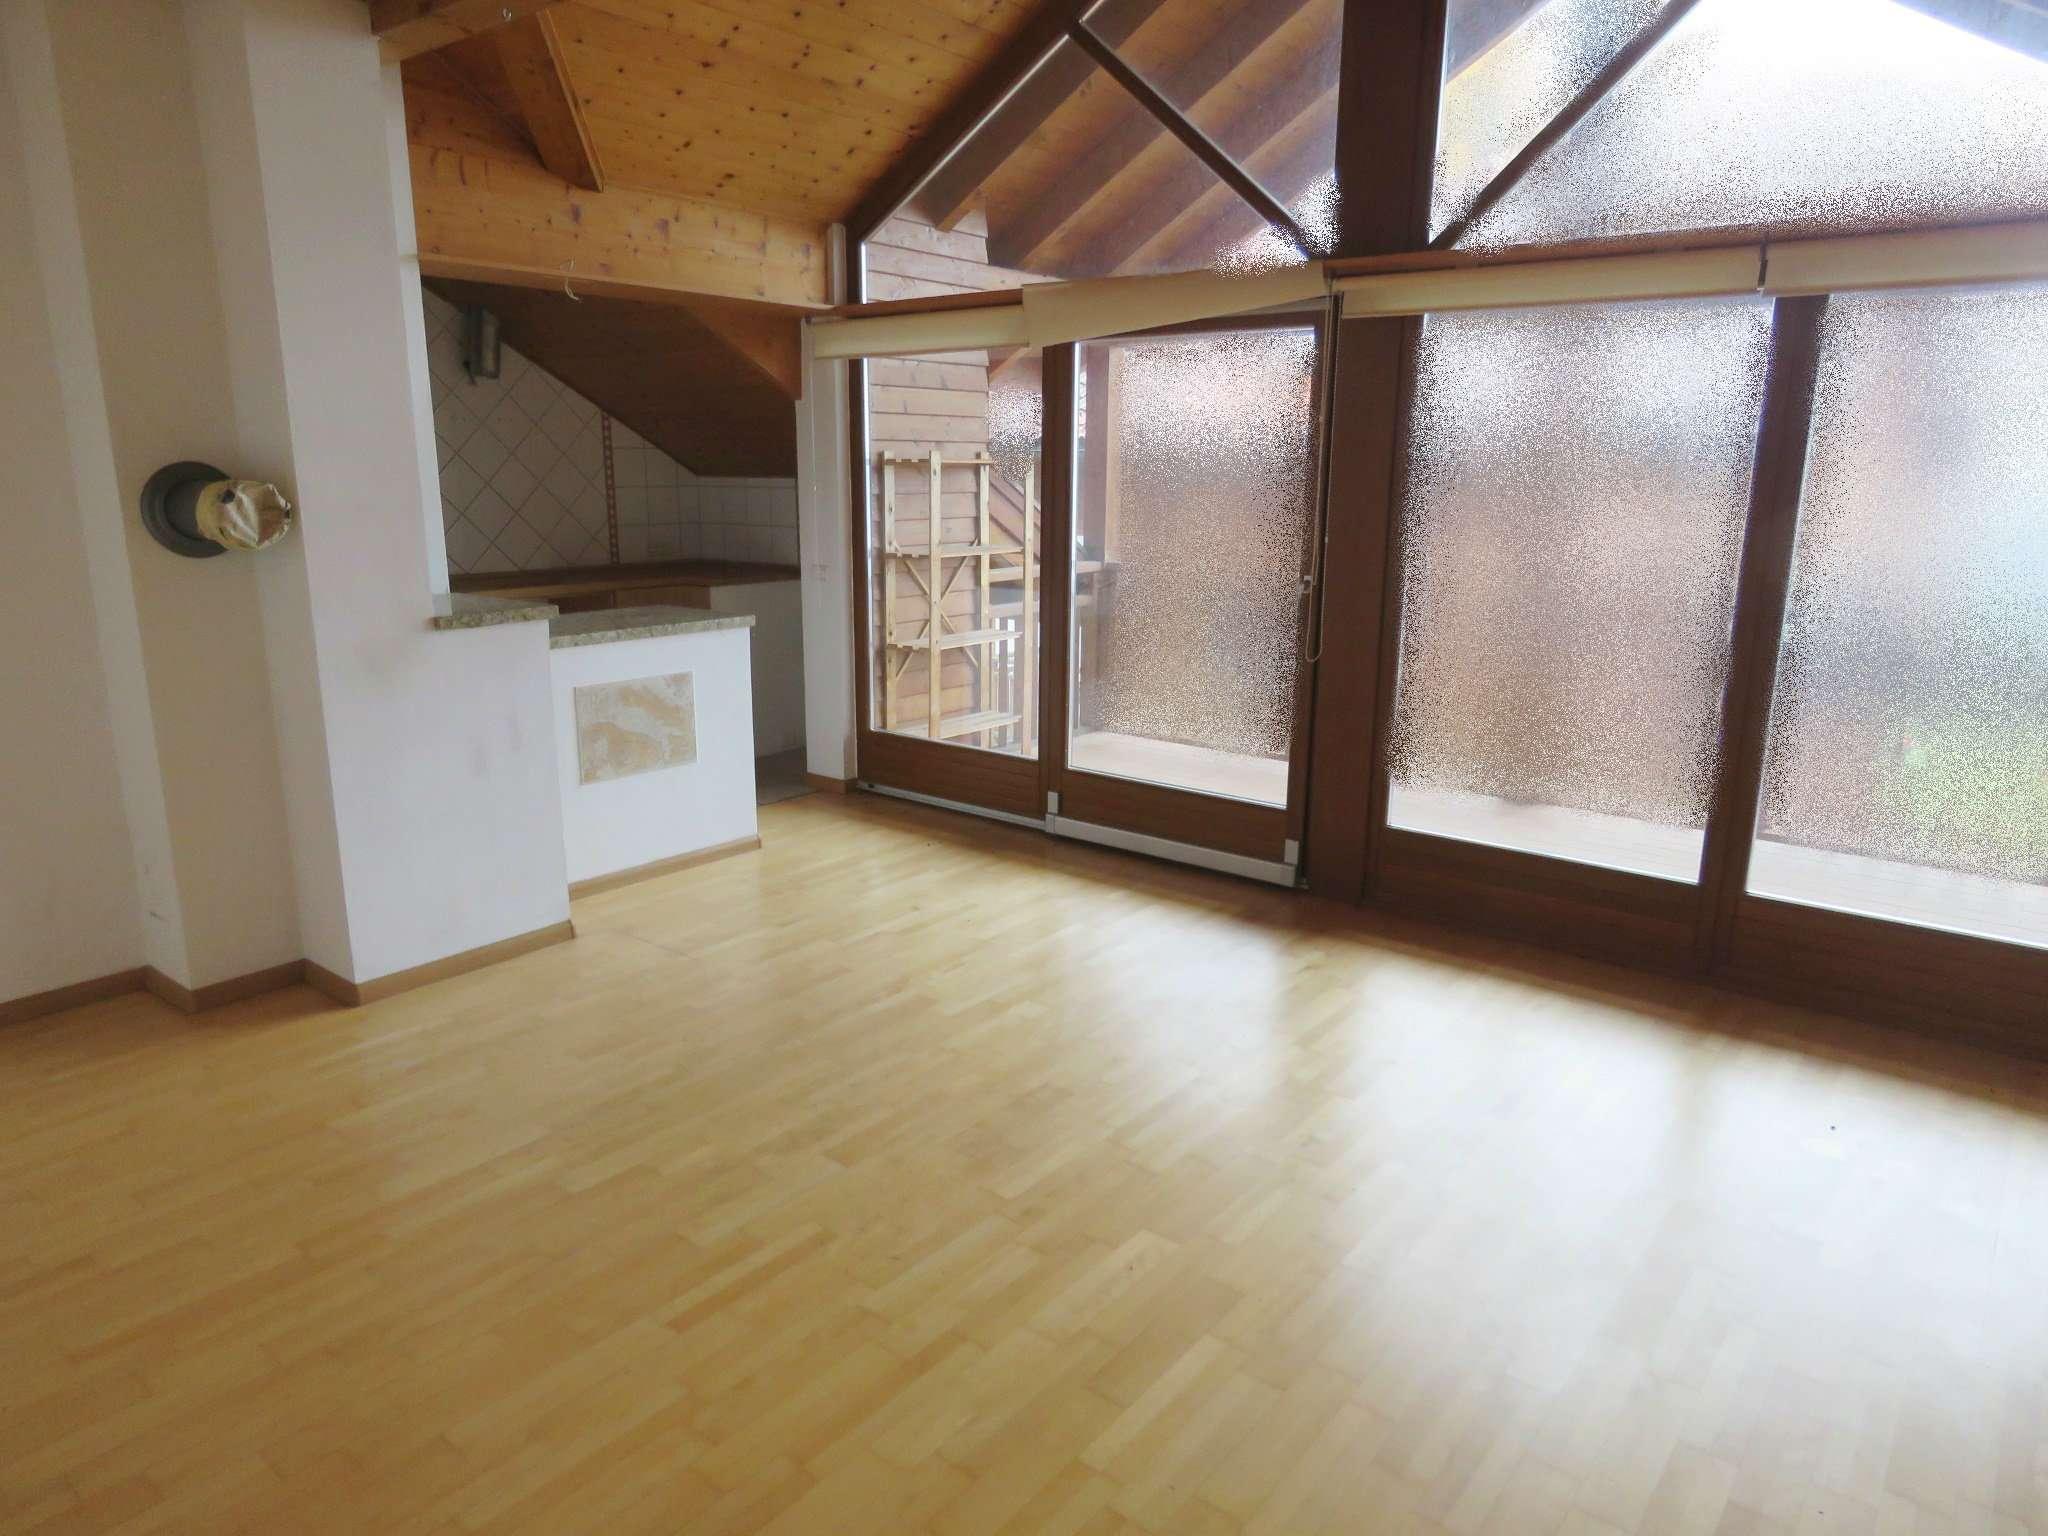 Attico / Mansarda in vendita a Bressanone, 4 locali, prezzo € 280.000   Cambio Casa.it